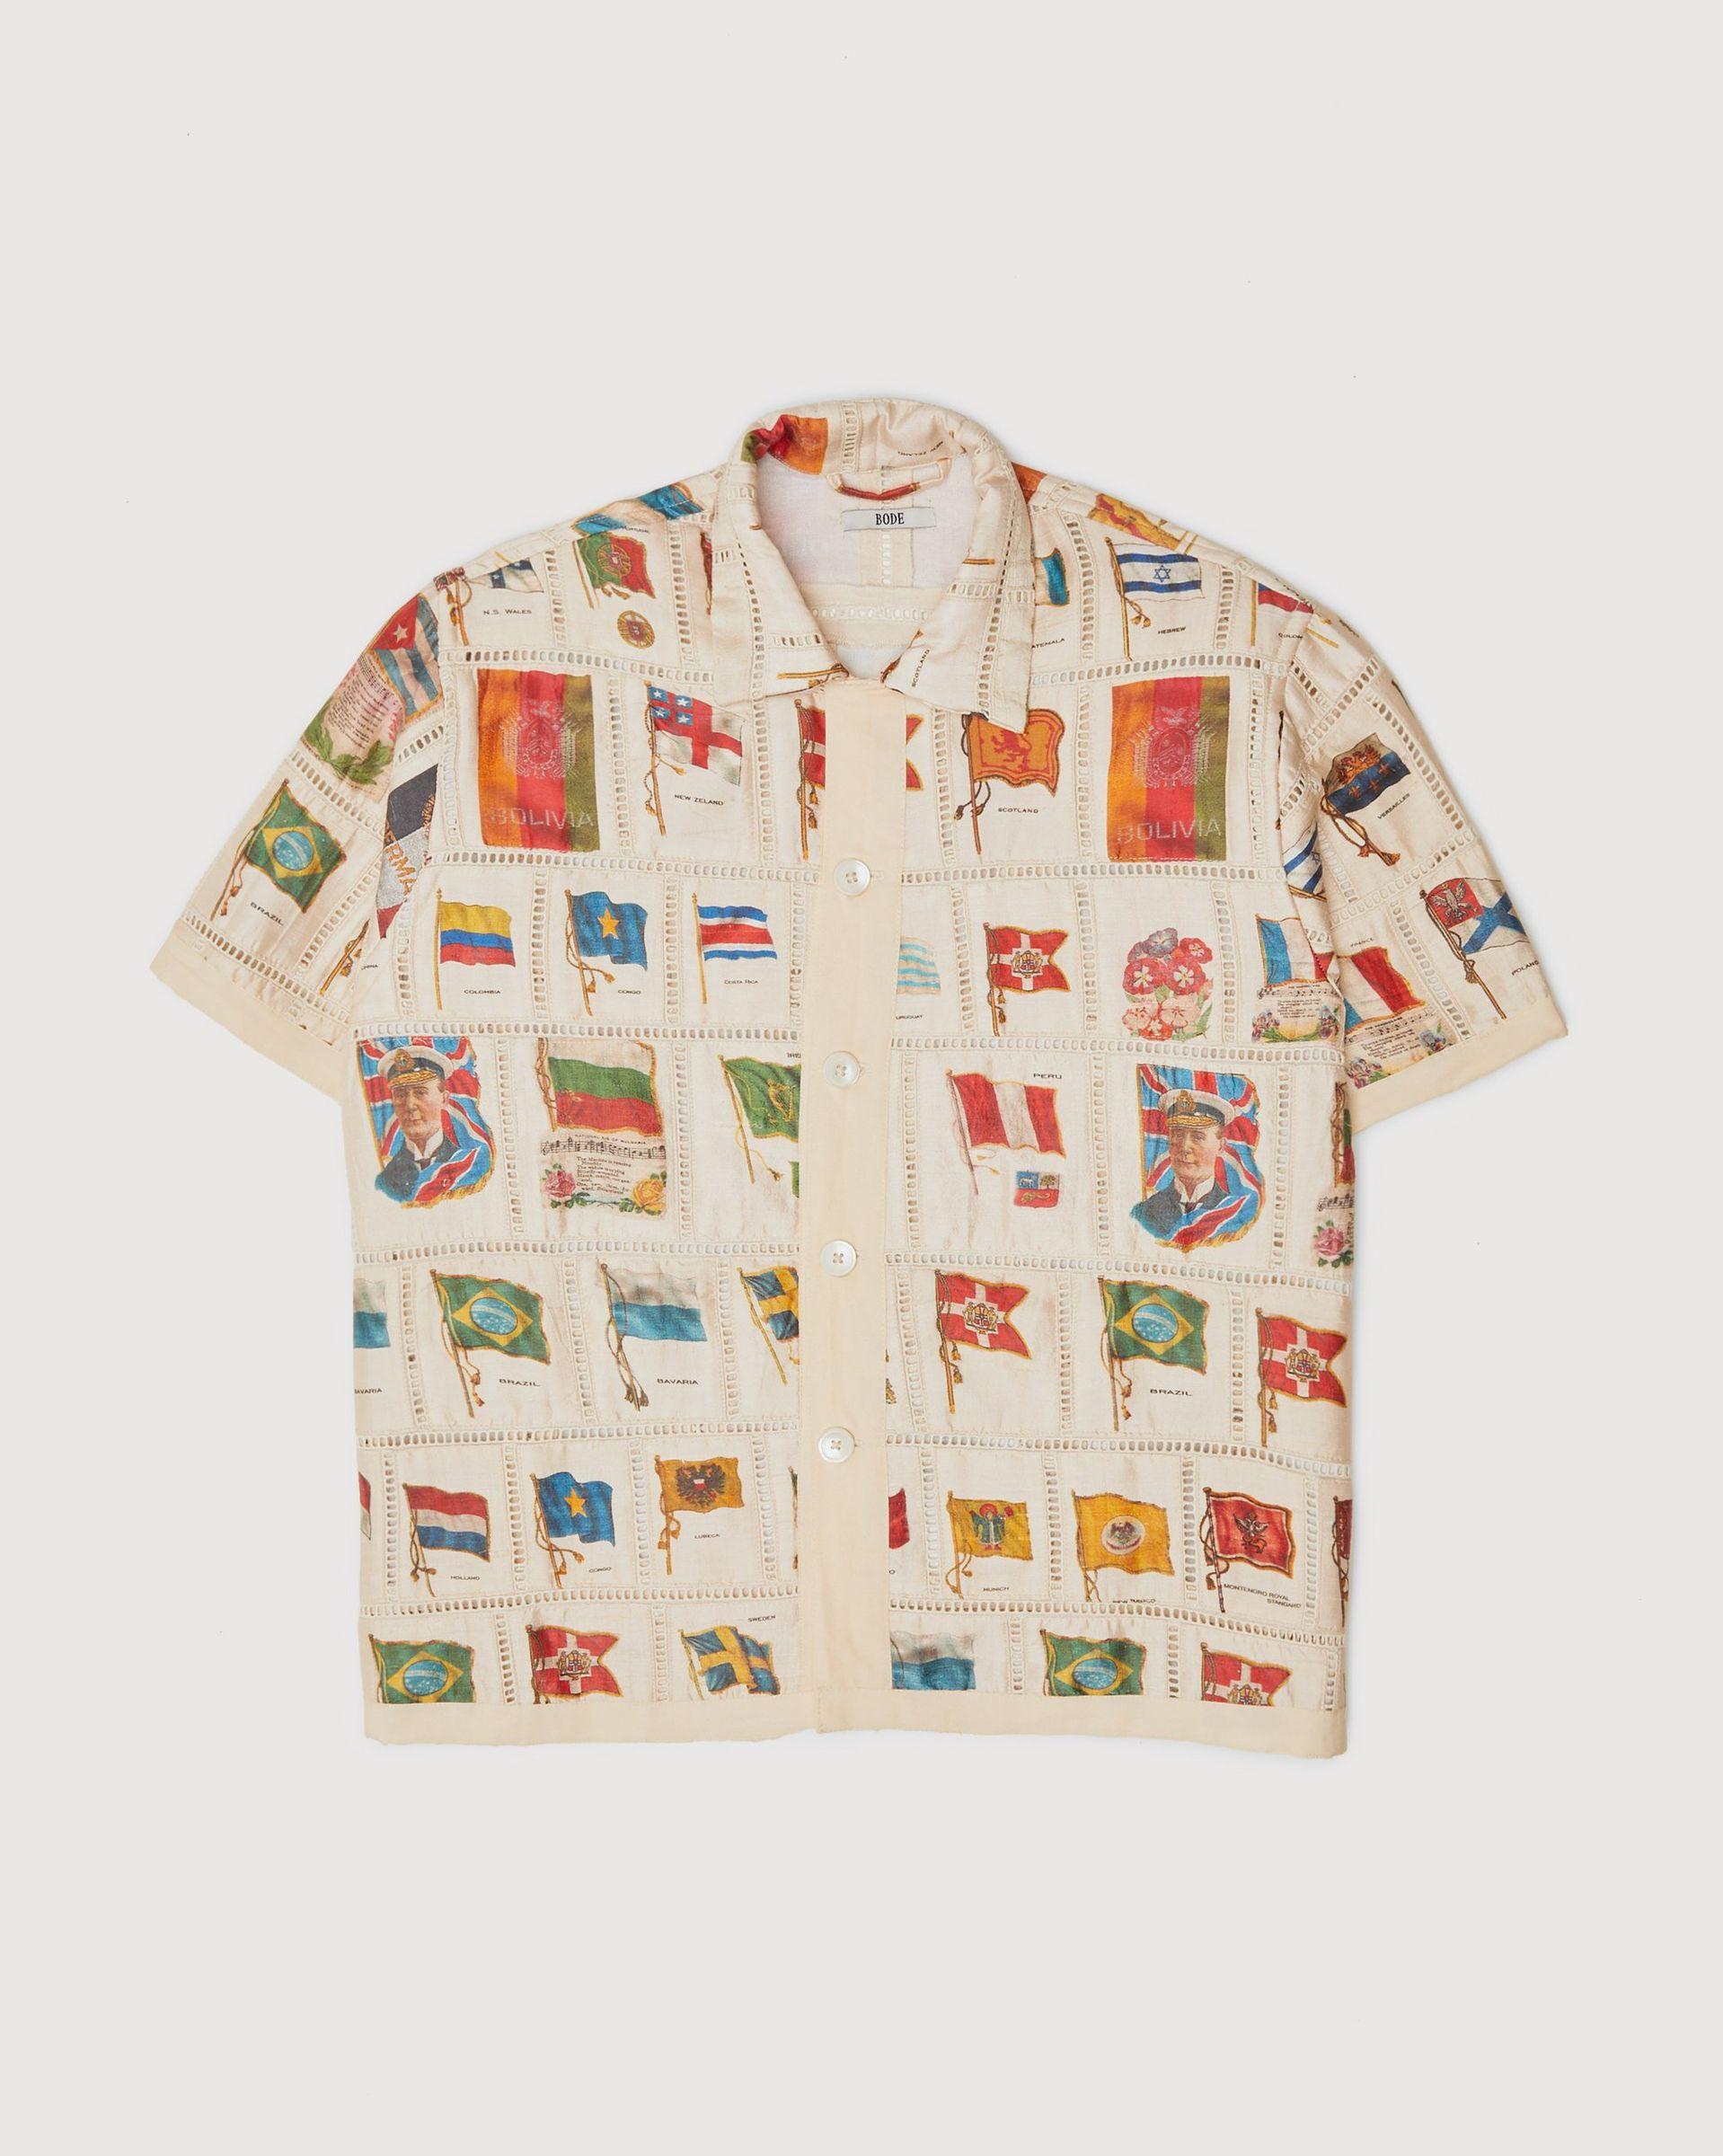 BODE - Tobacco Flag Patchwork Shirt Natural - Image 1